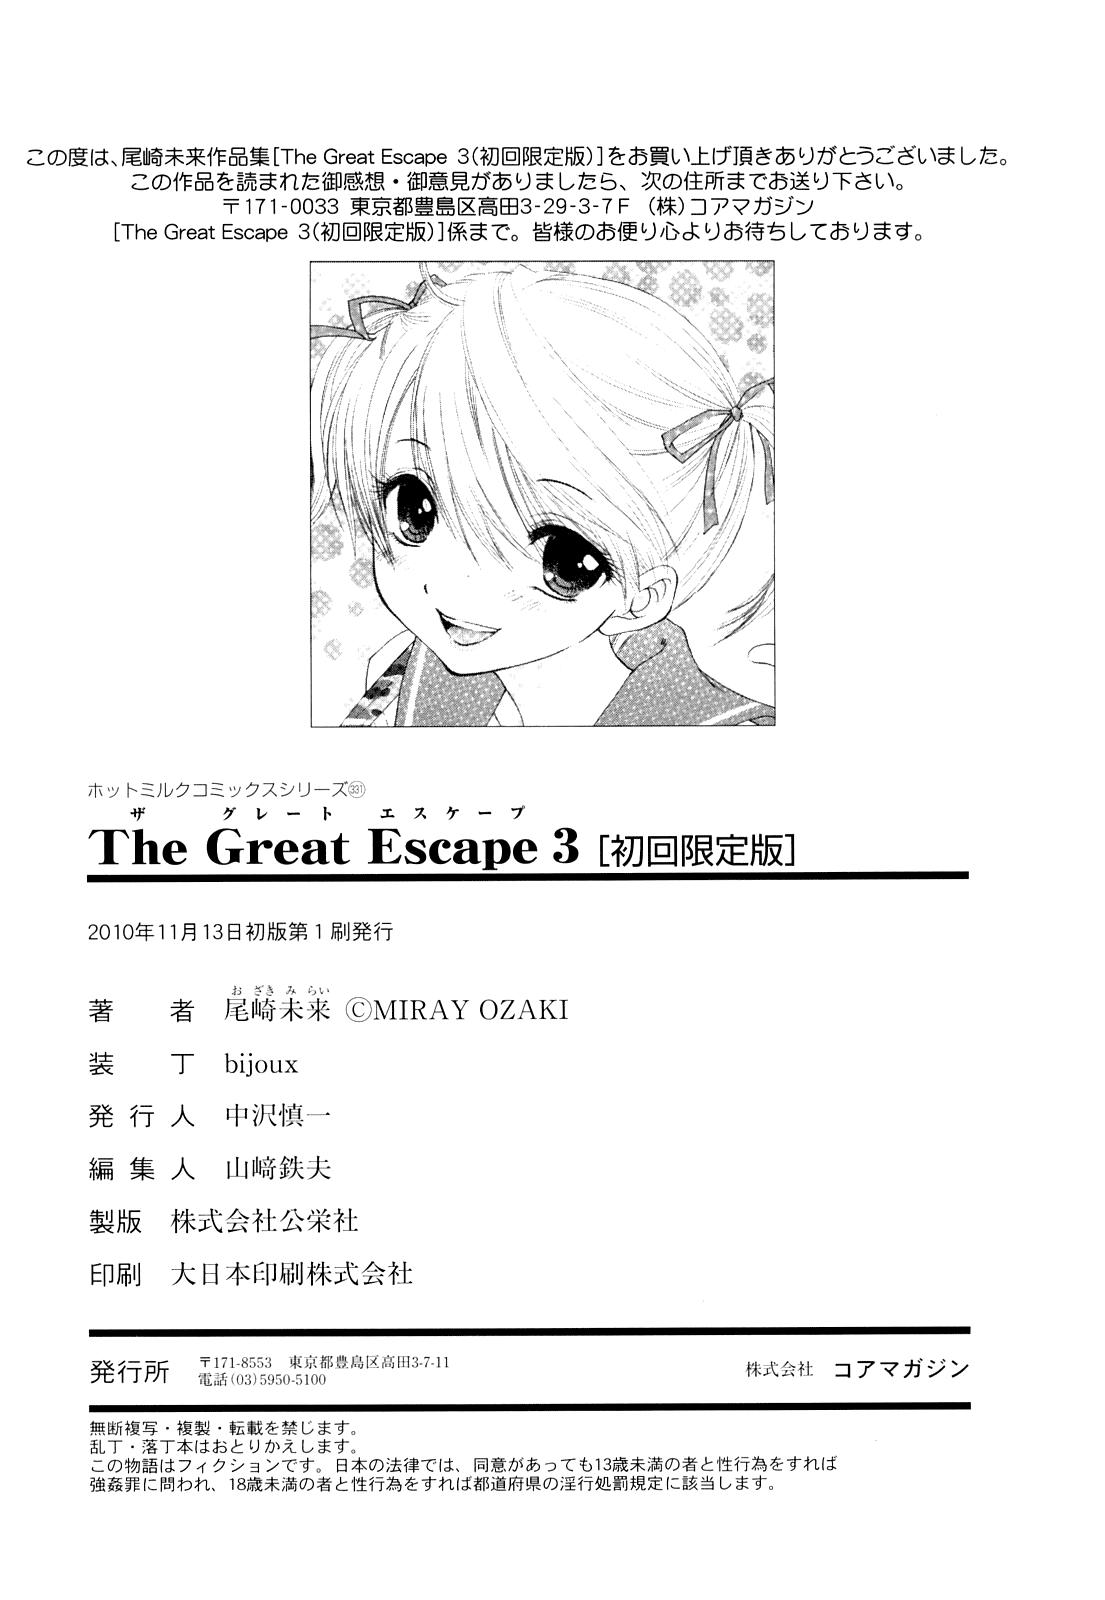 The Great Escape 3 203